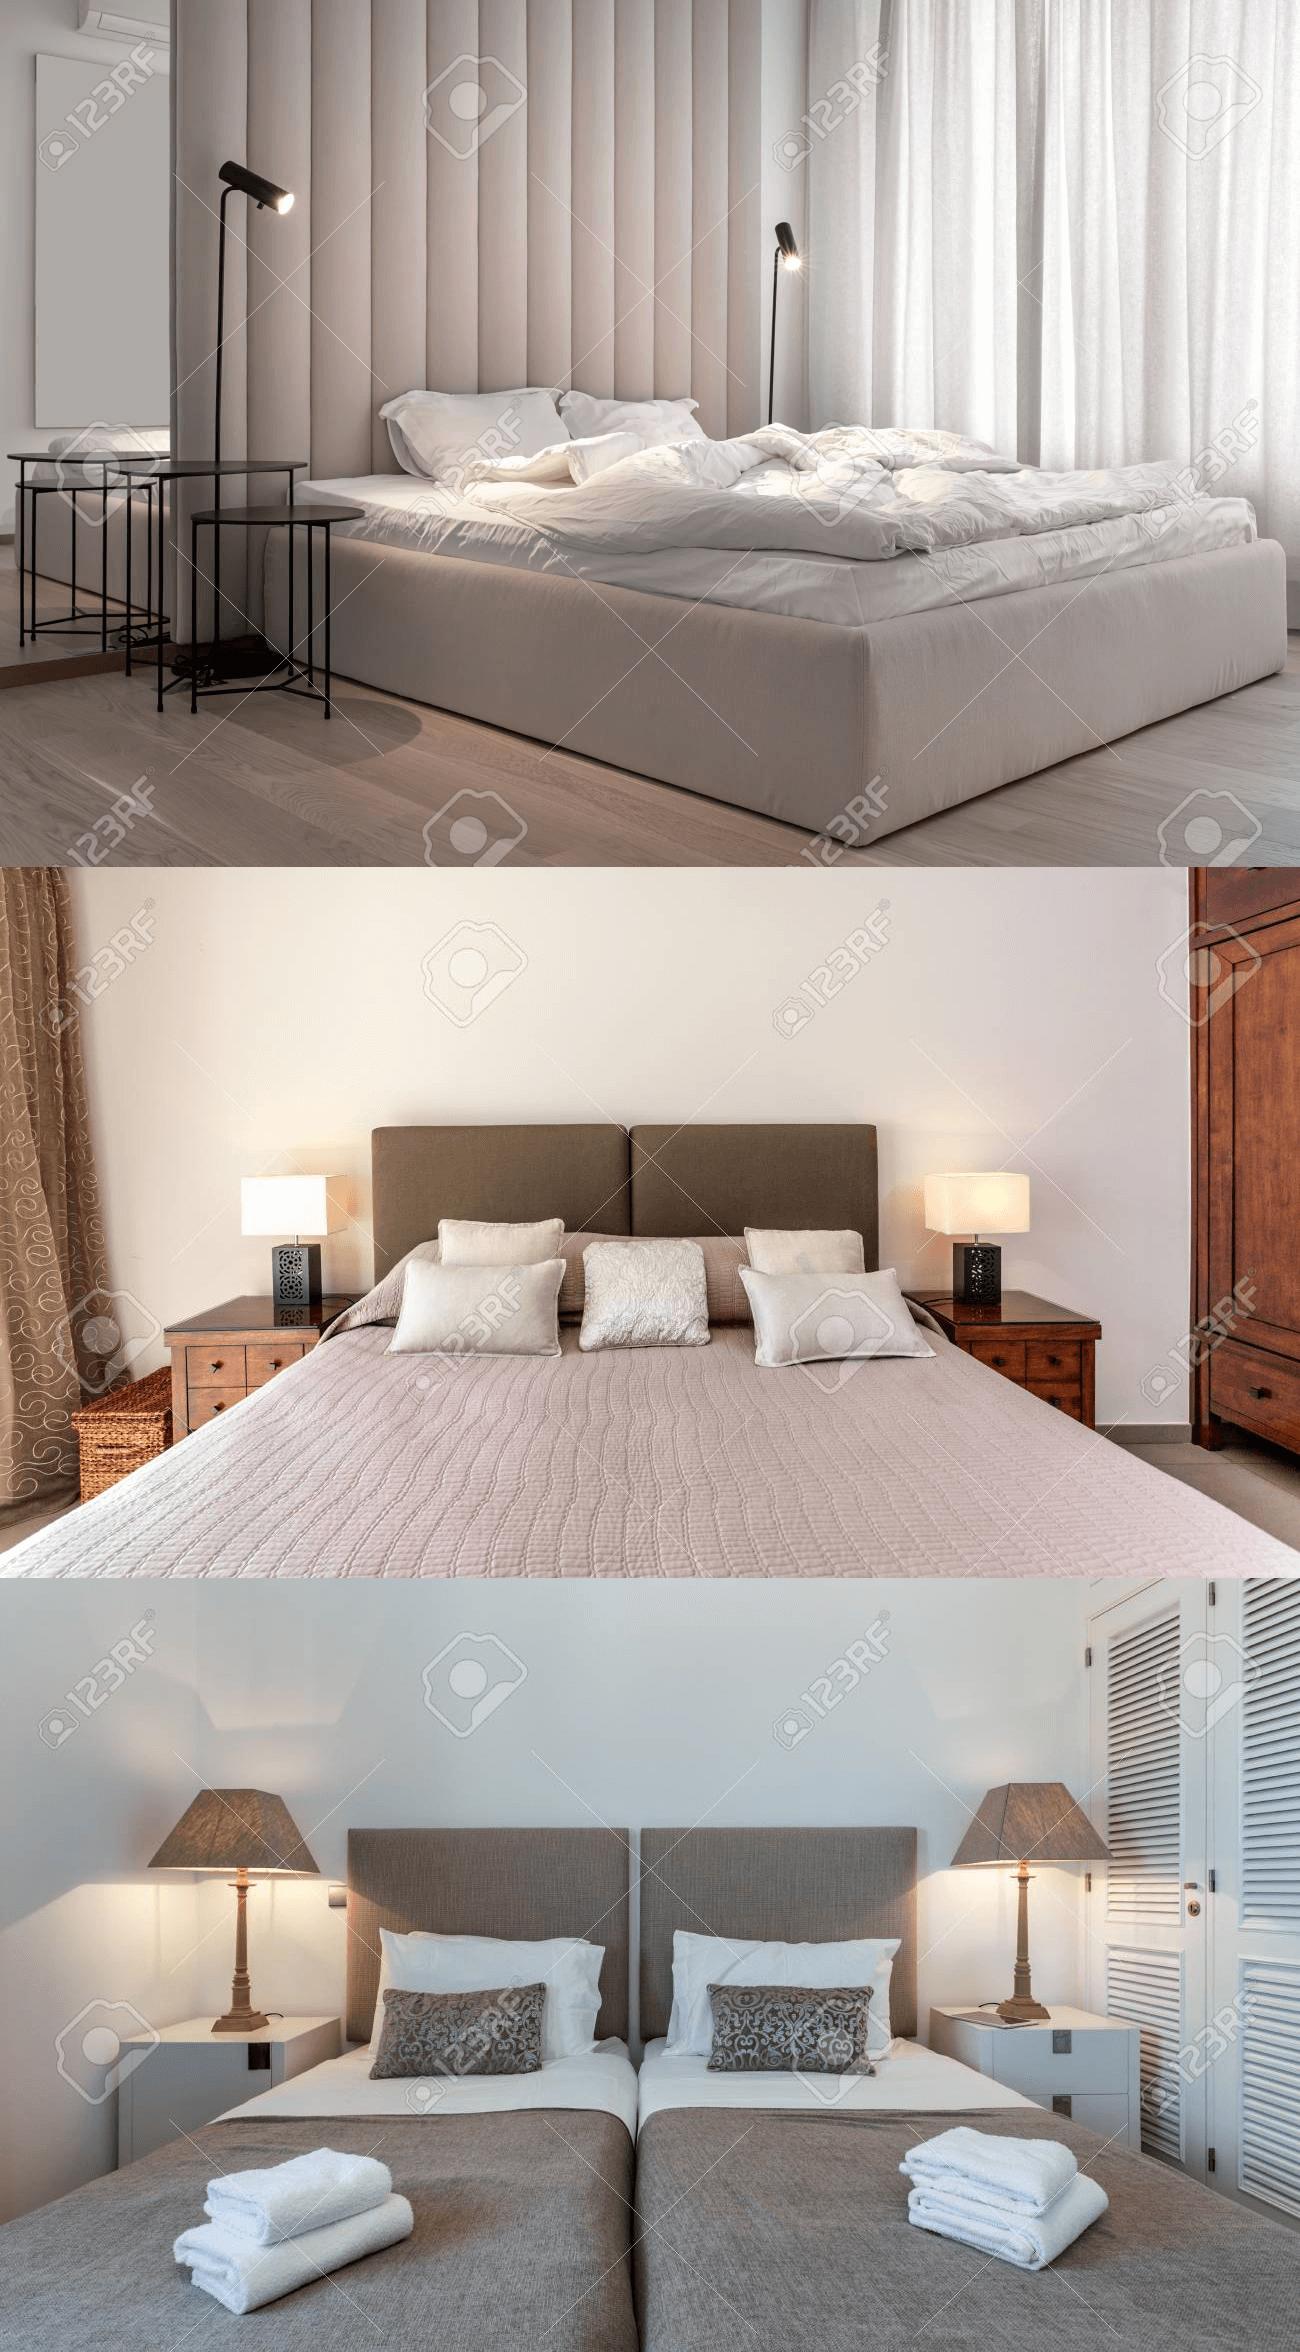 13.14.15.SIMPHOME.COM 3 Ideas How to Craft Modern Style Bedroom 123rf.com